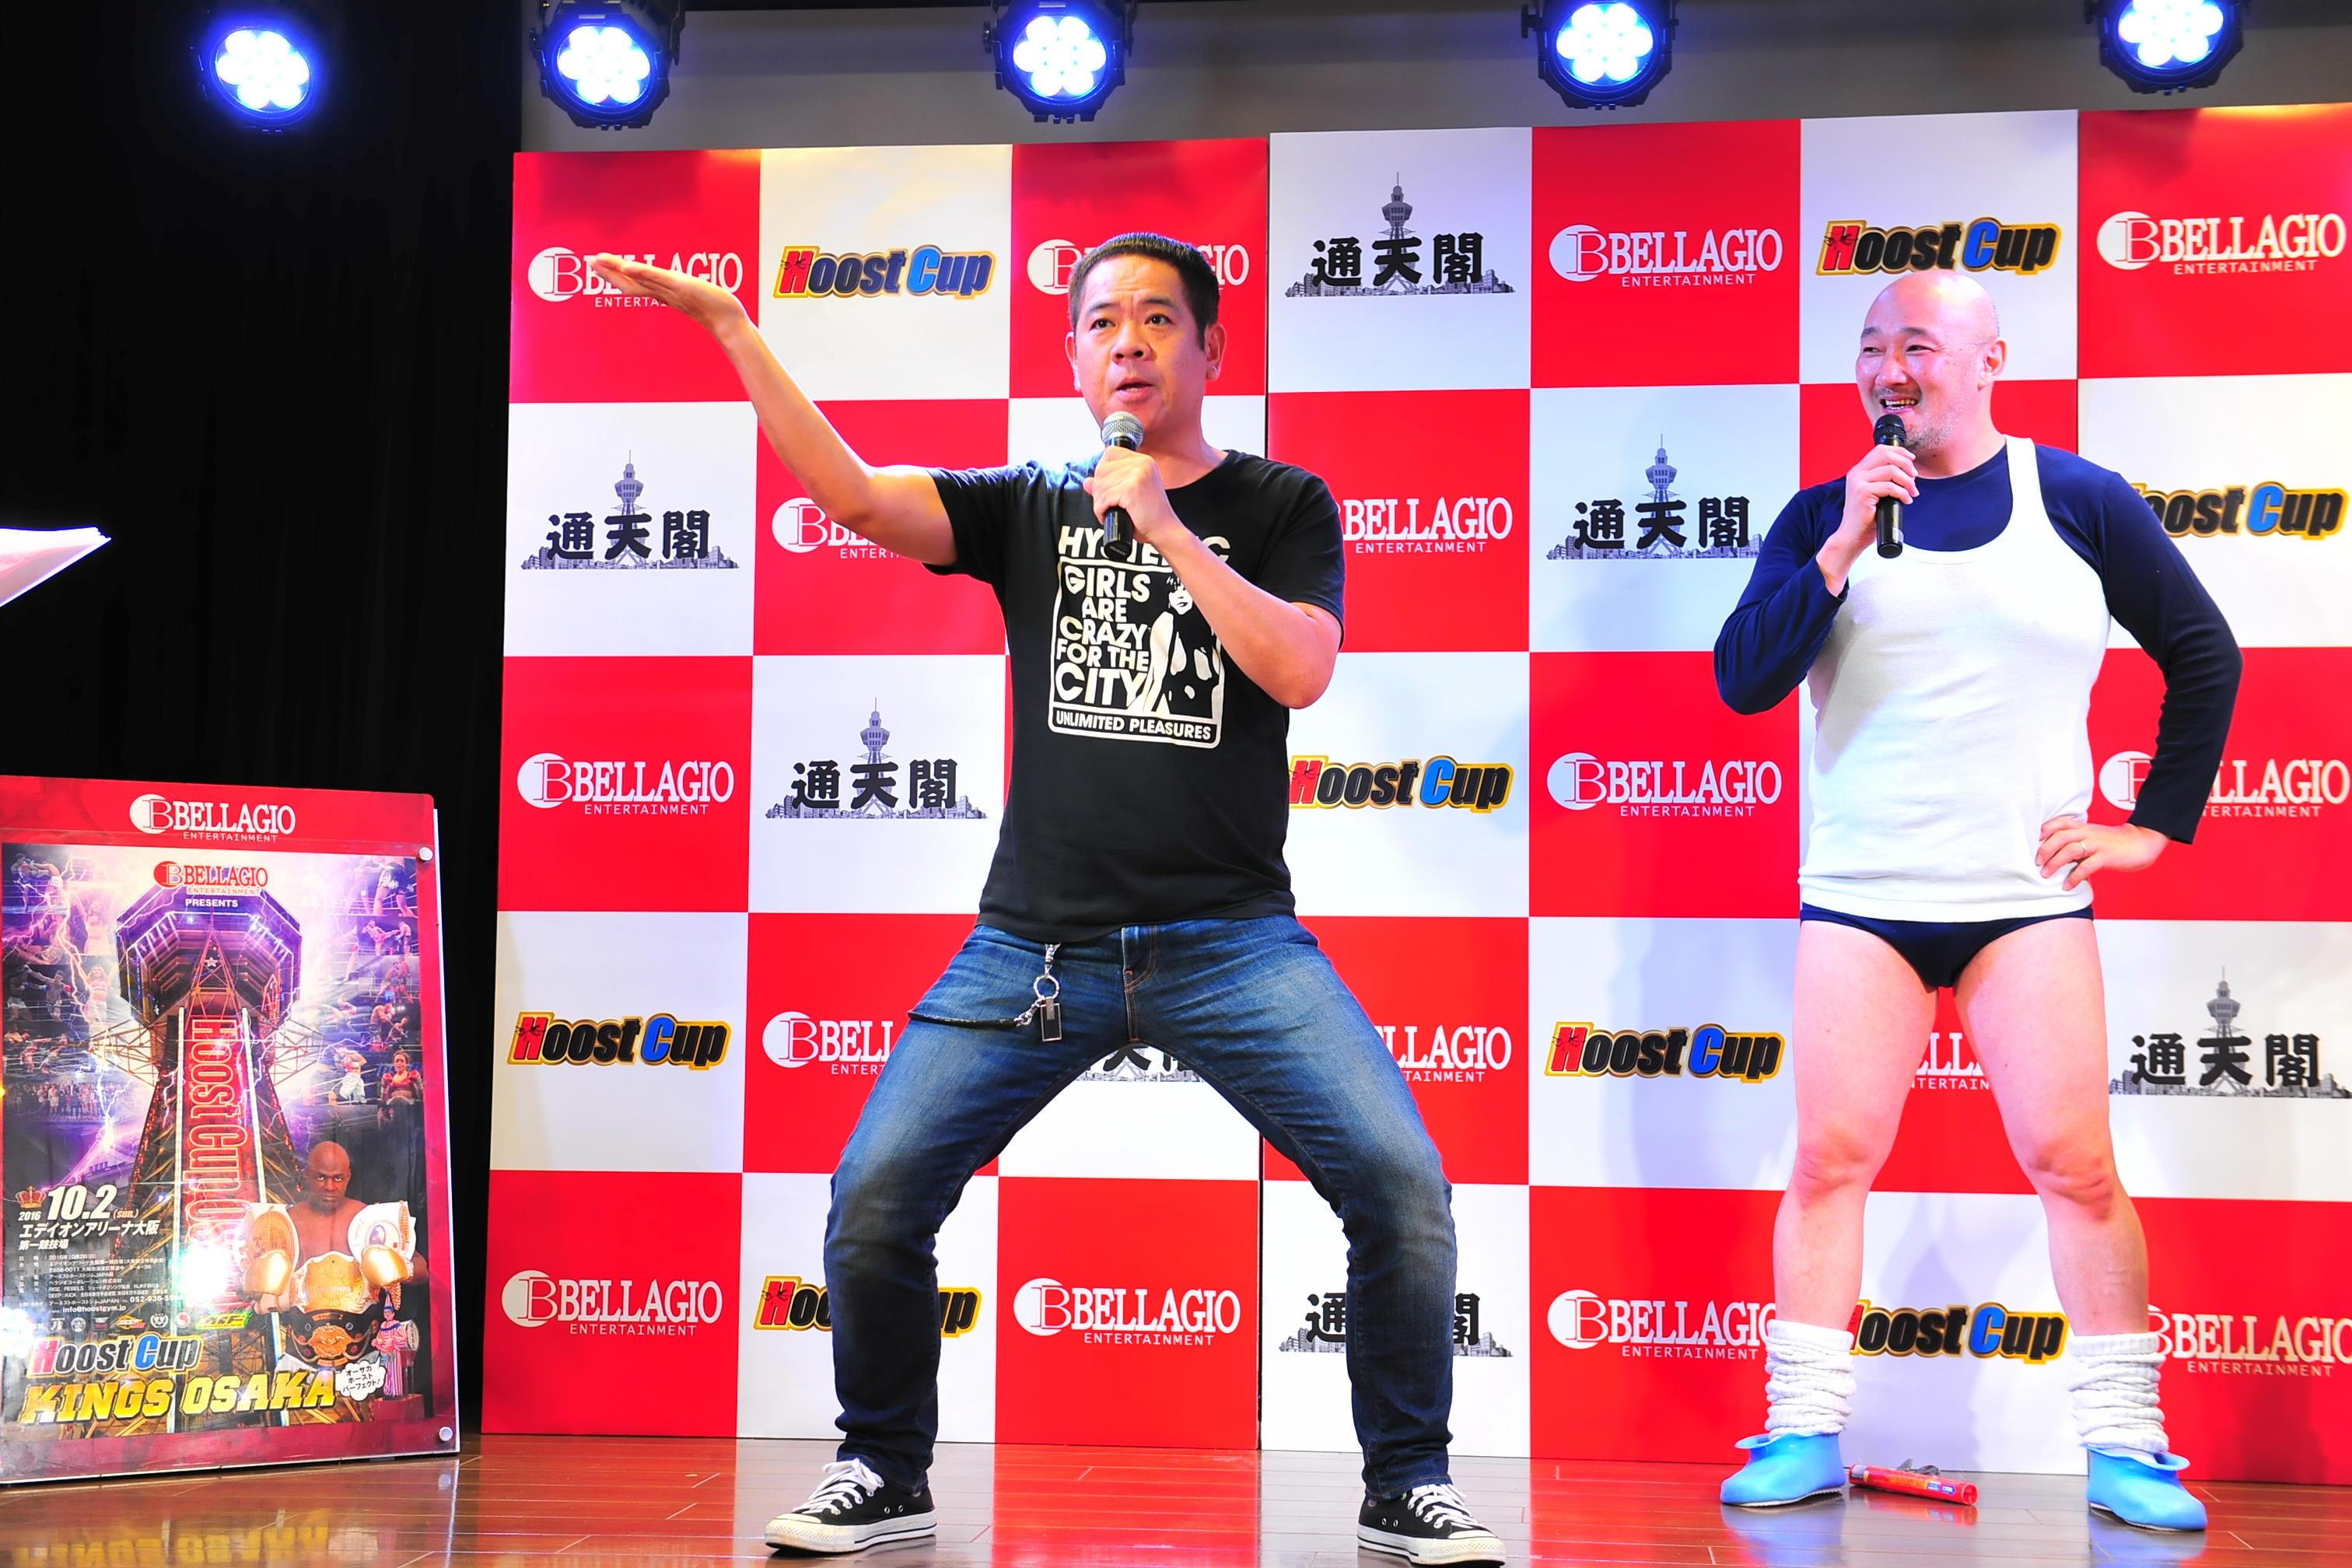 http://news.yoshimoto.co.jp/20160830234630-fccc4442103a7516298595ac12a08db784853304.jpg